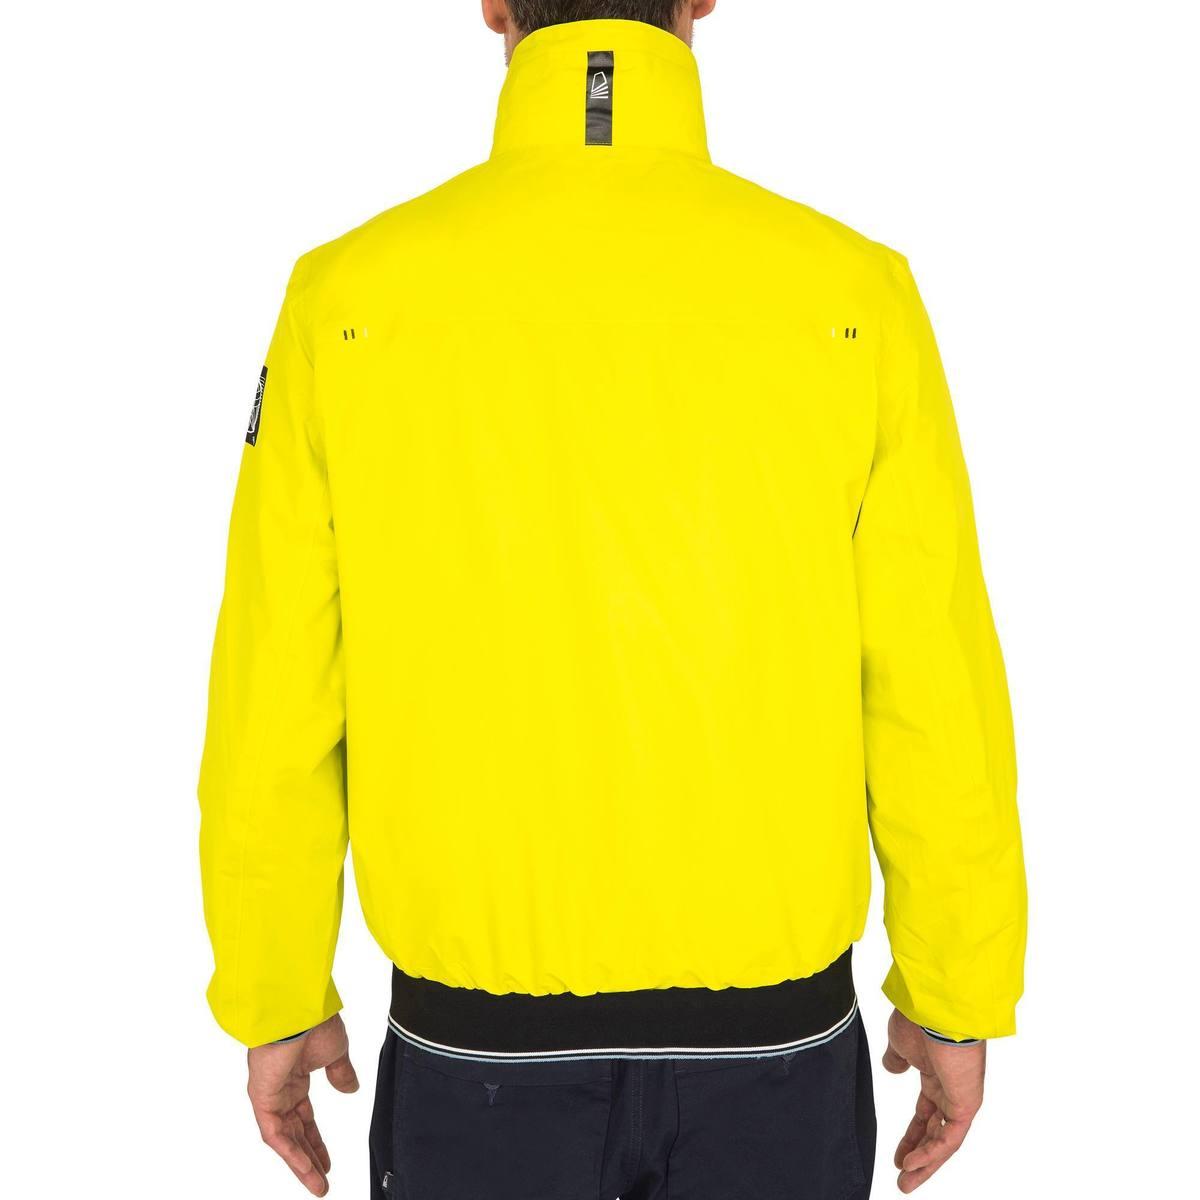 Bild 4 von Segeljacke Blouson Race 100 Herren gelb